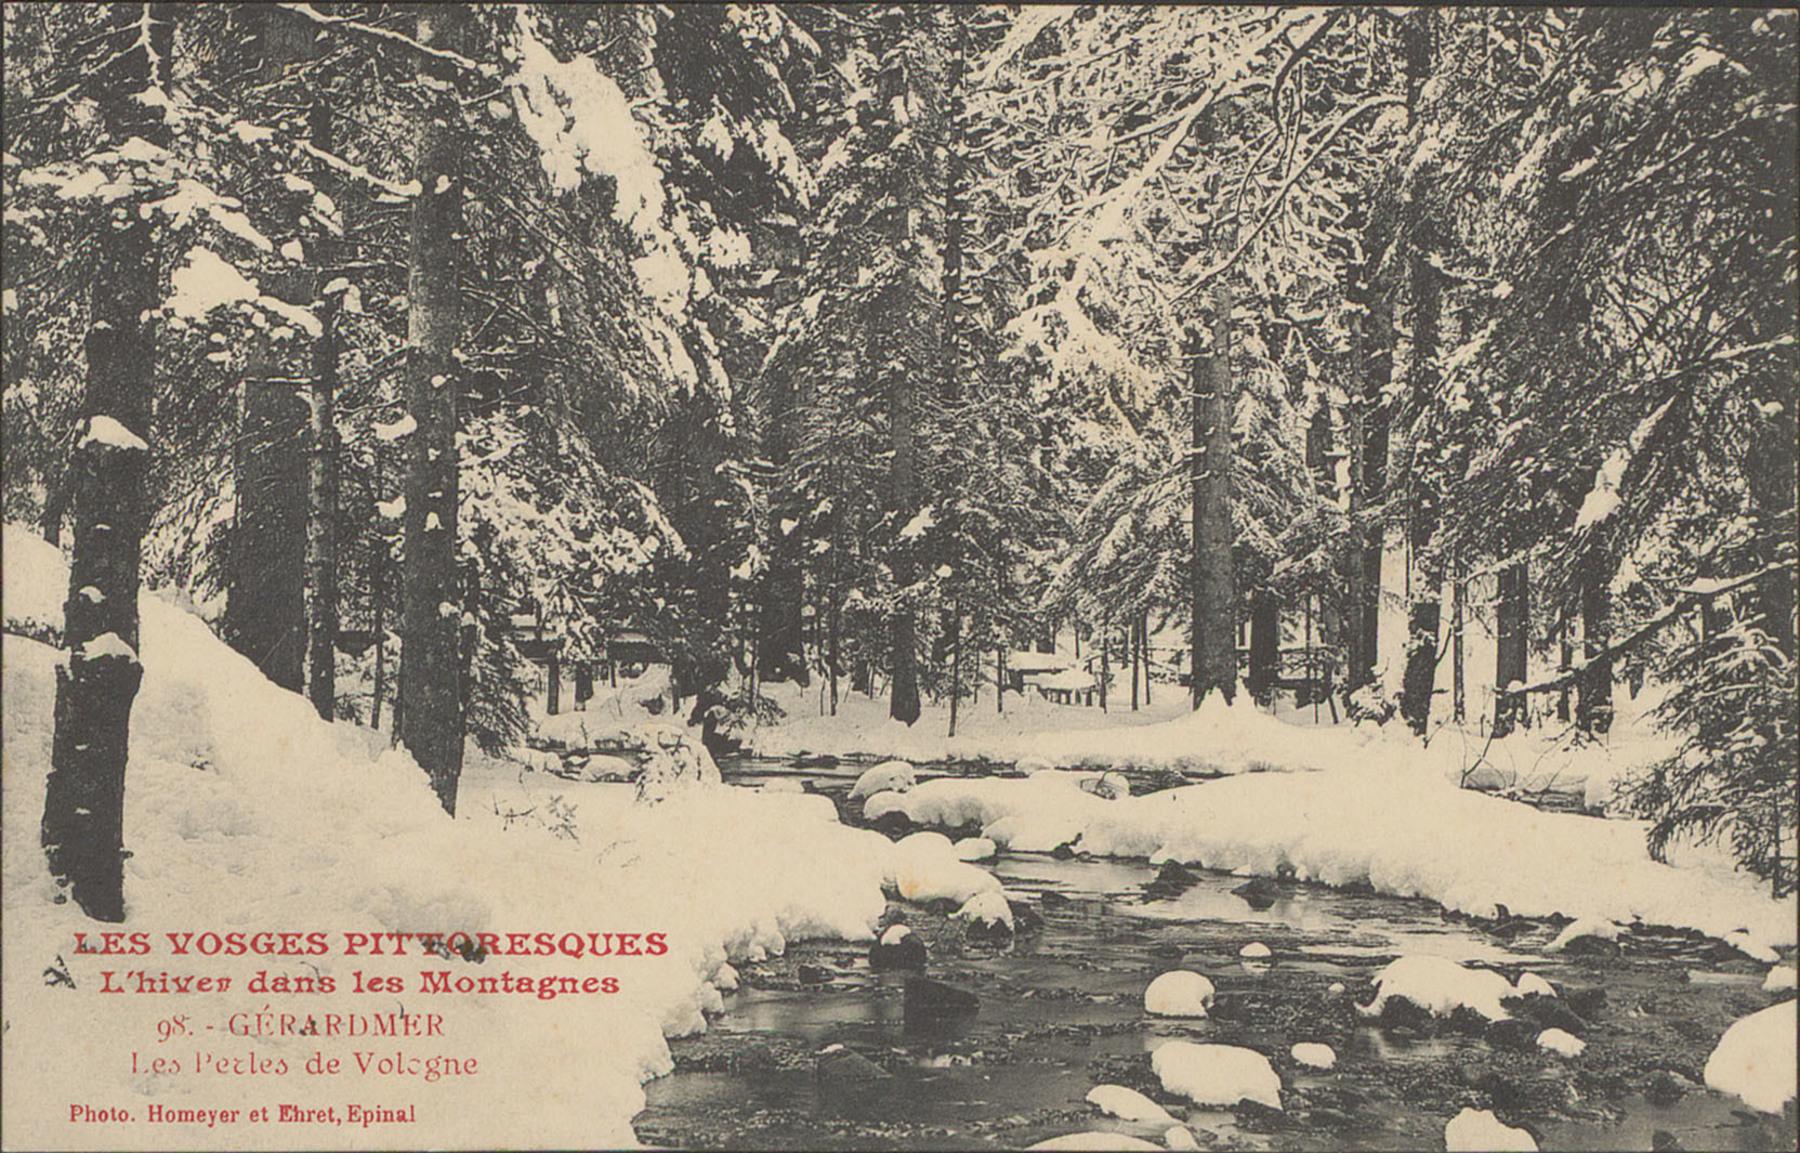 Contenu du L'hiver dans les montagnes à Gérardmer